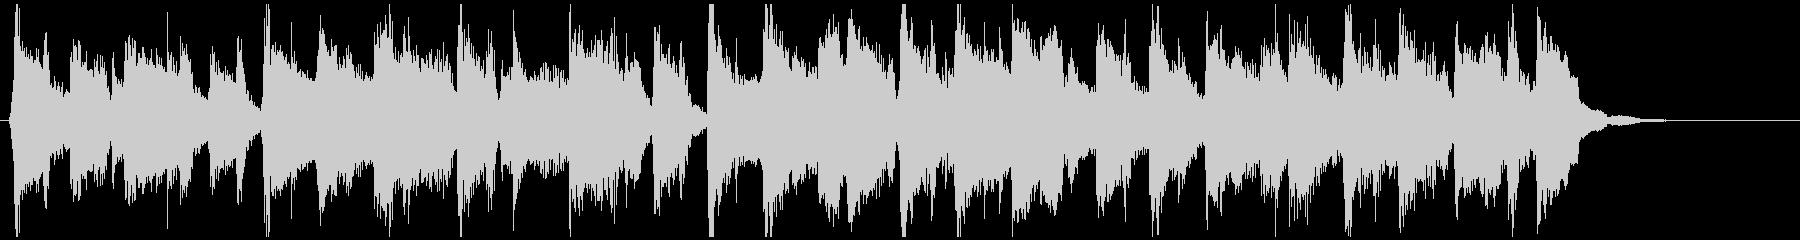 バラエティ系ノリノリなフルートのジングルの未再生の波形